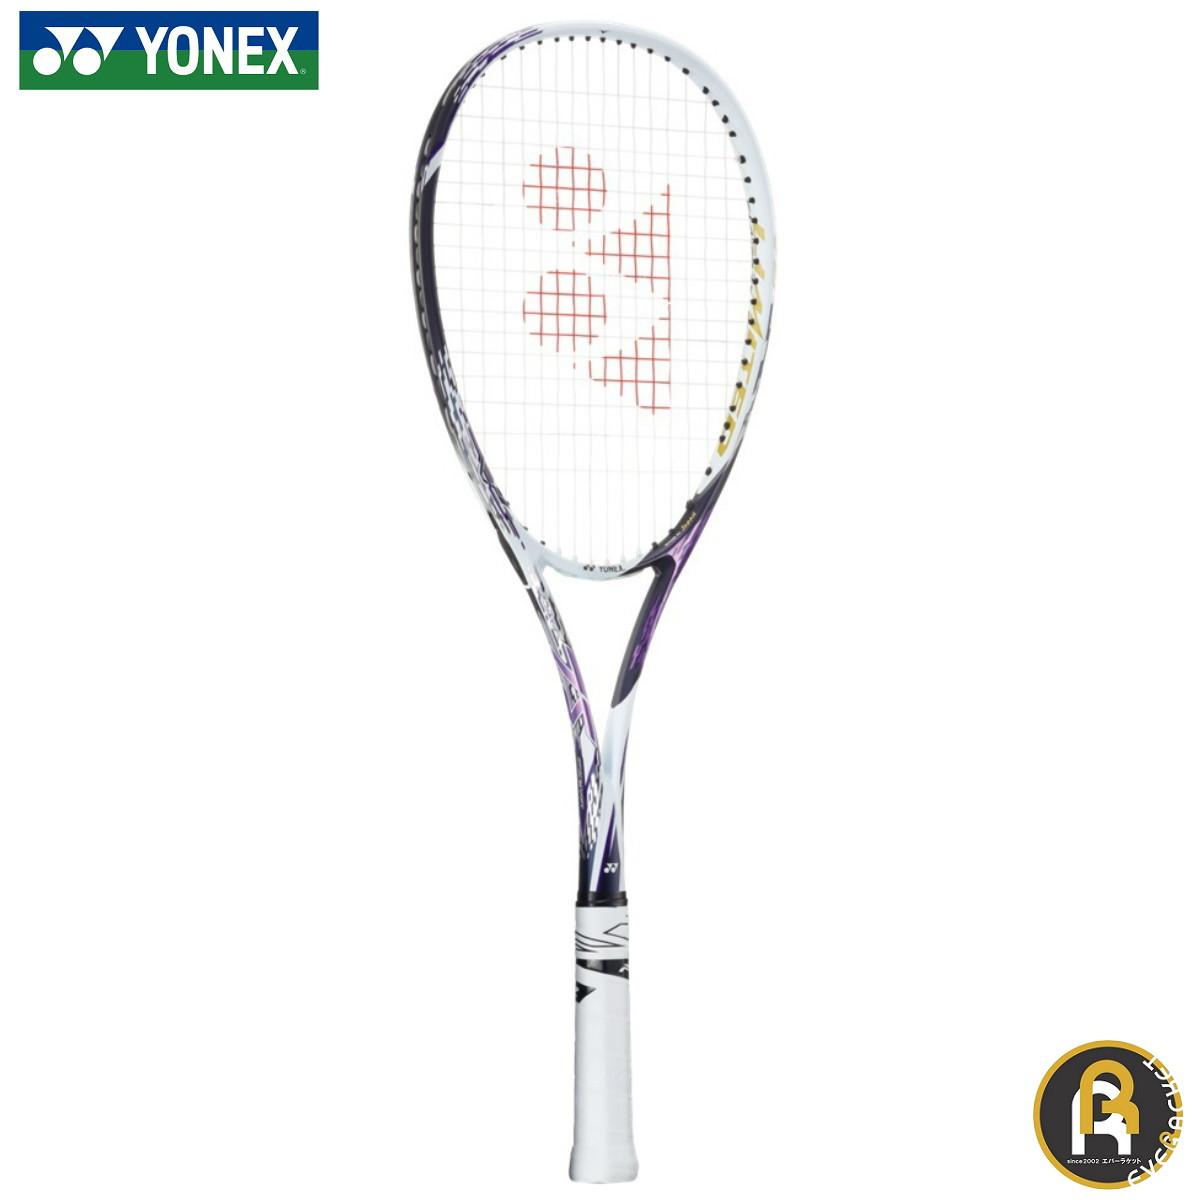 ヨネックス YONEX ソフトテニスラケット エフレーザー7Sリミテッド FLR7SLD ソフトテニス 限定デザイン